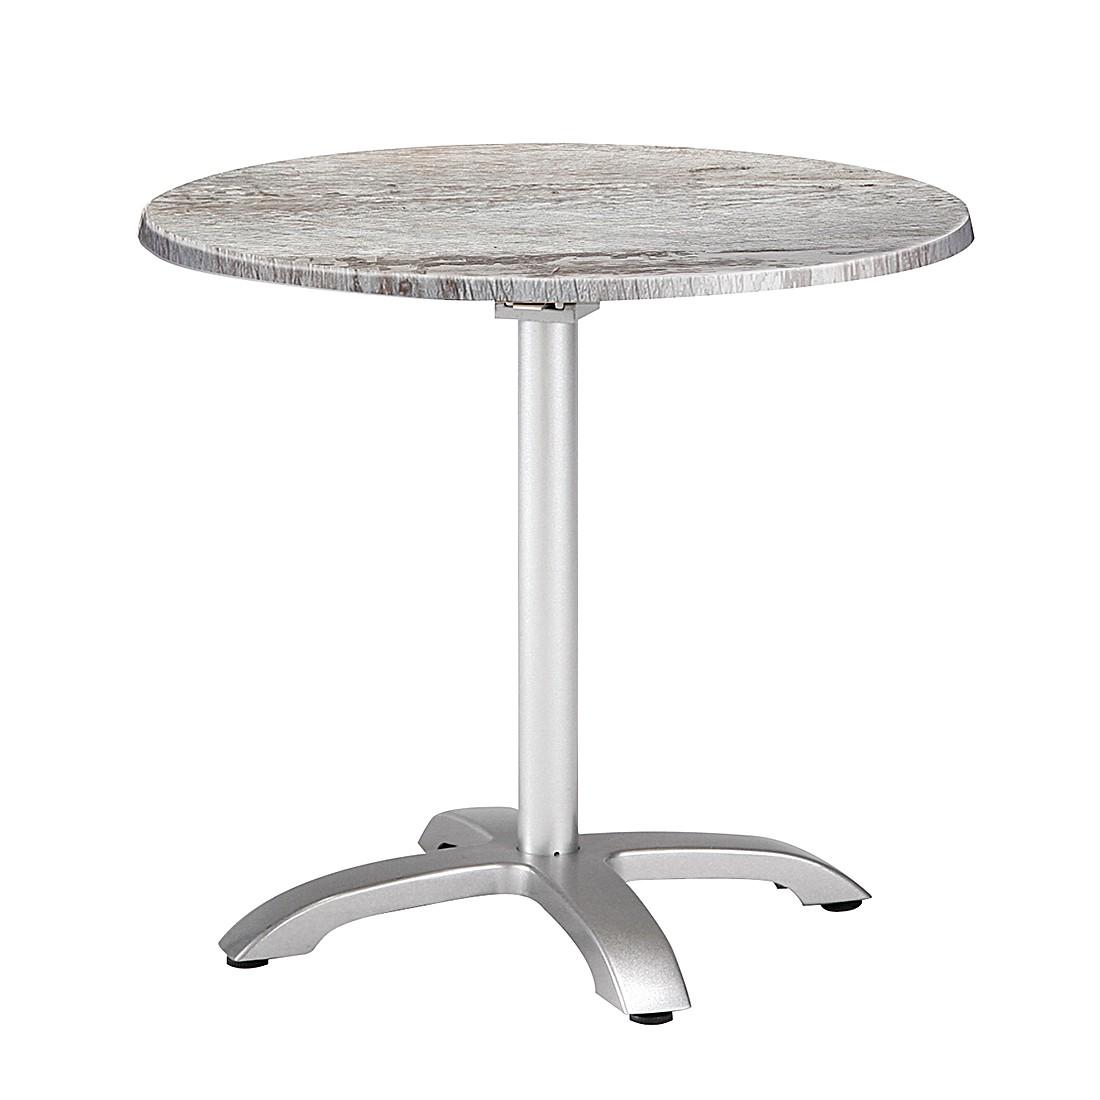 Klapptisch Maestro - Aluminium/Werzalit - Silber/Montpellier Dekor, Best Freizeitmöbel